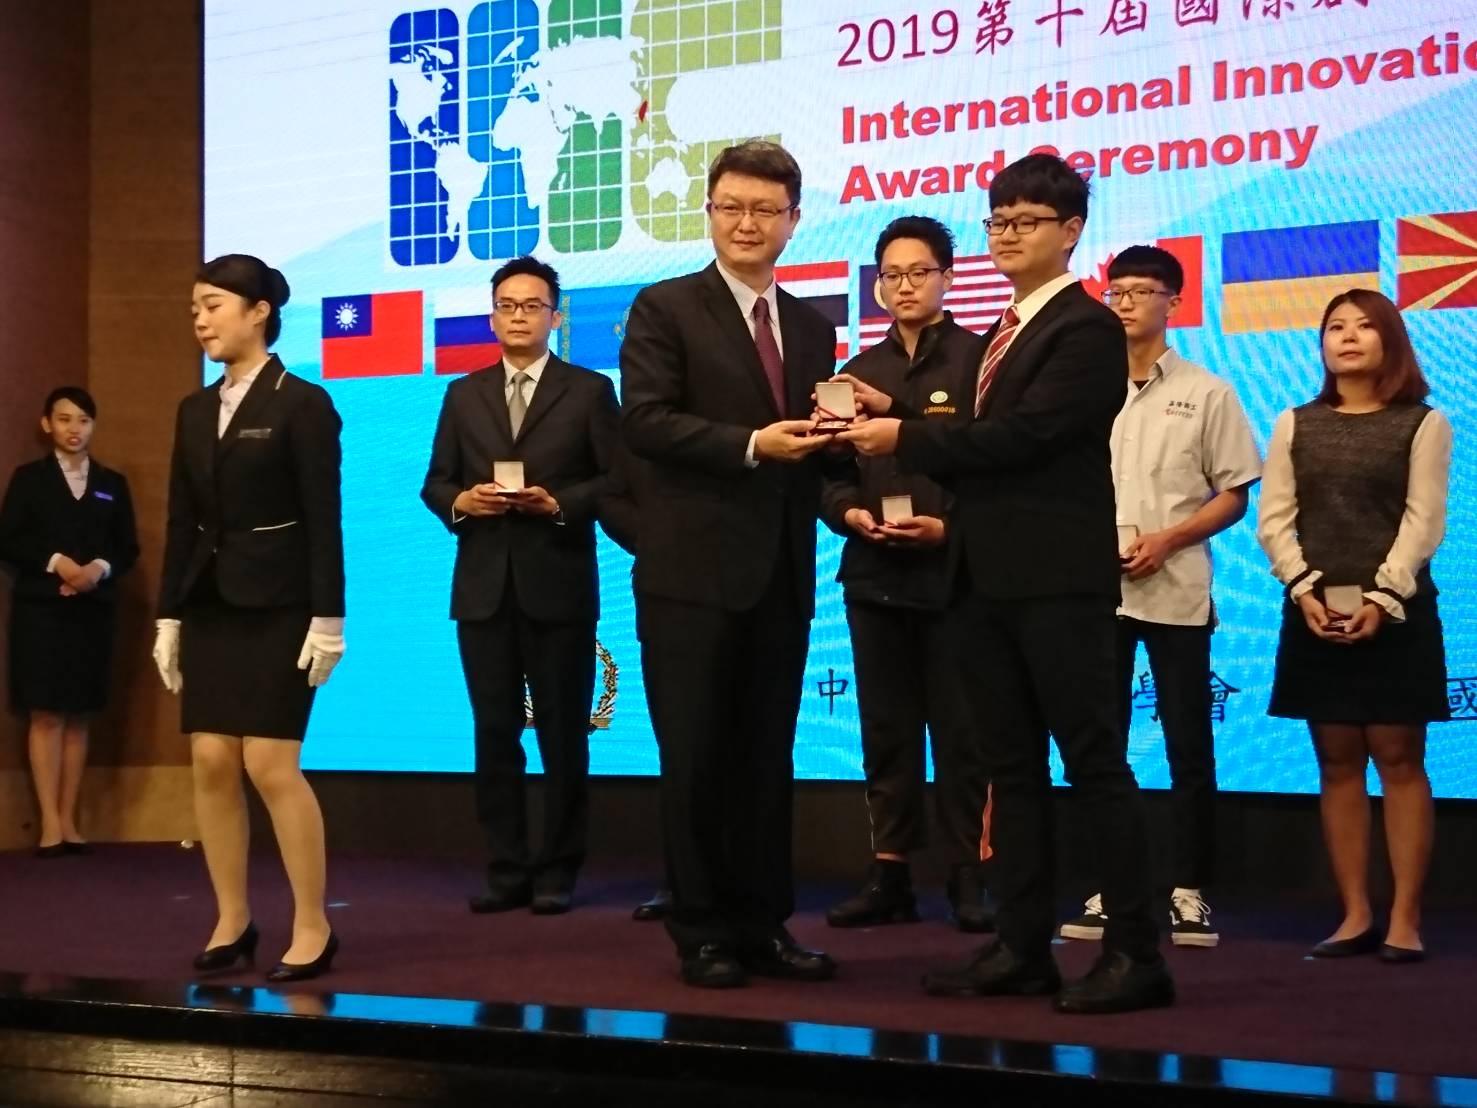 「第十屆IIIC國際創新發明競賽」銀牌獎-10